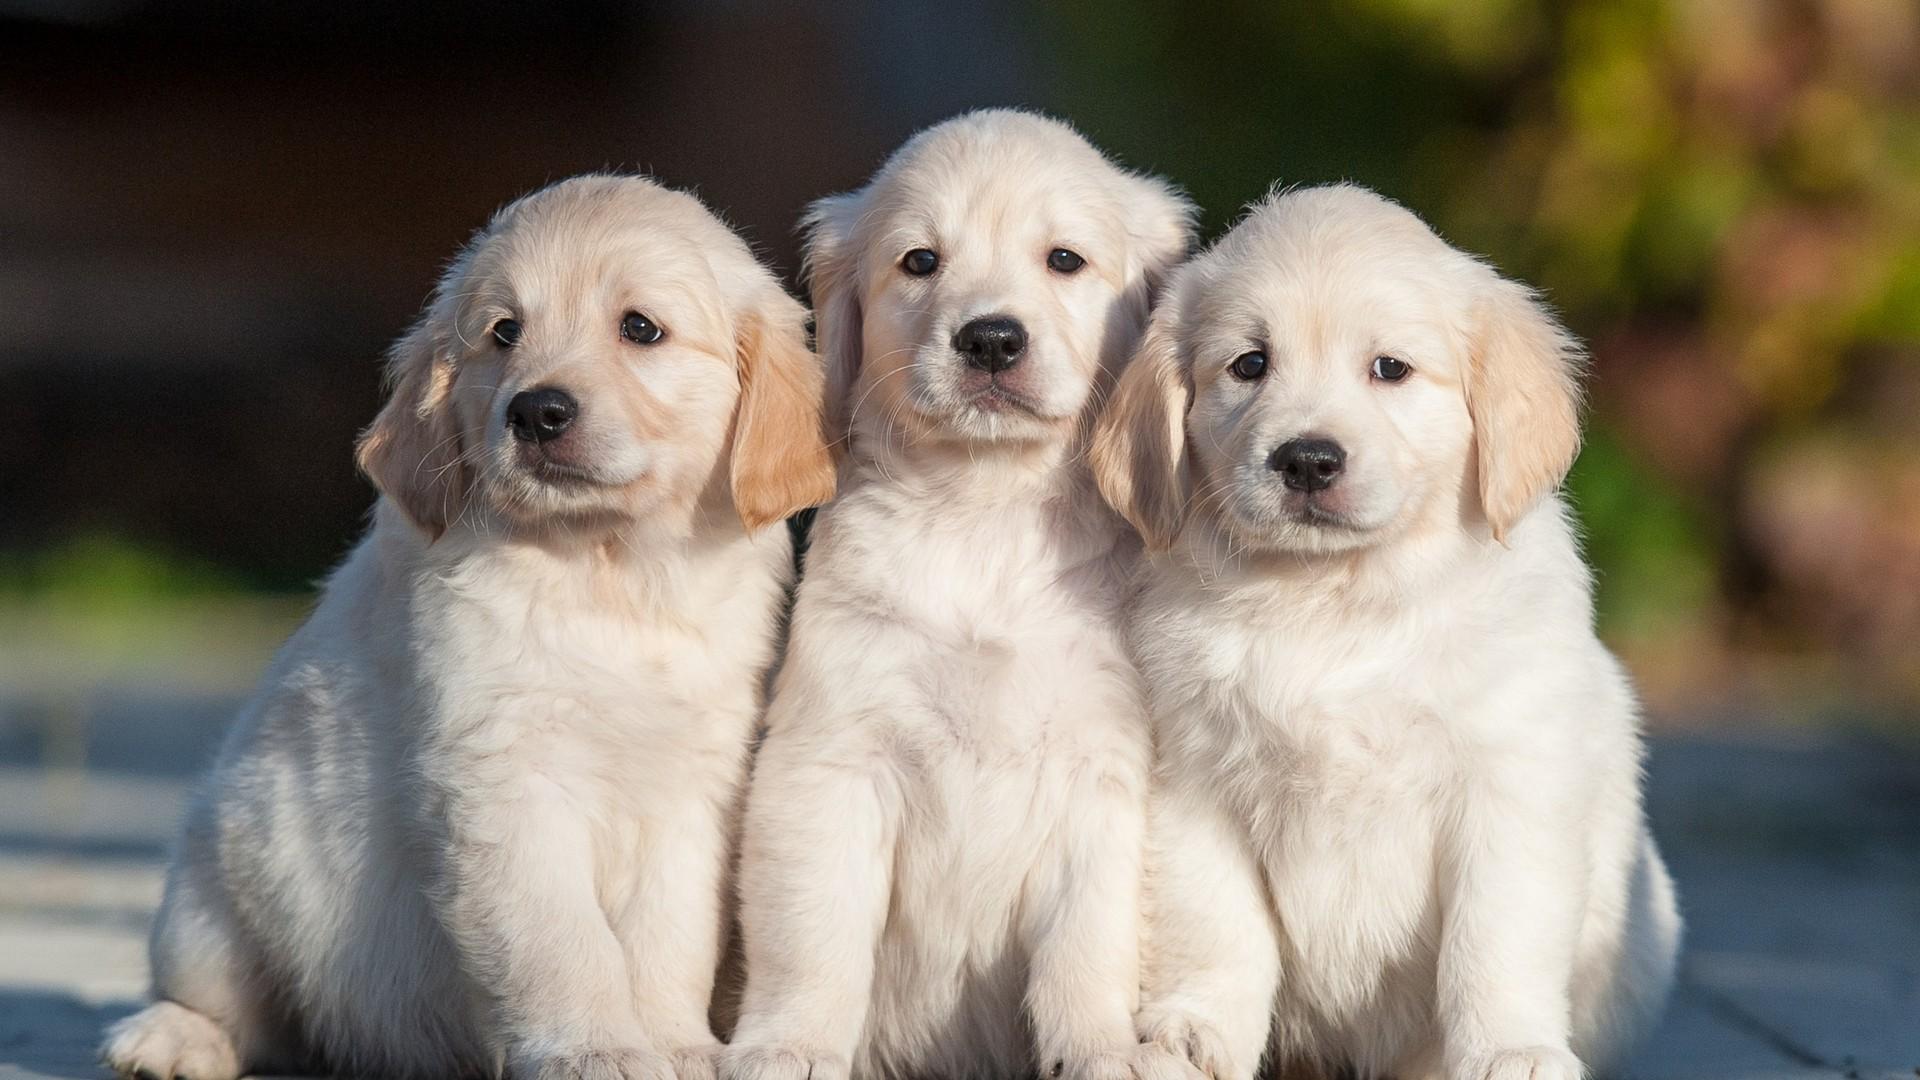 【v粉壁纸】可爱狗宝宝高清壁纸